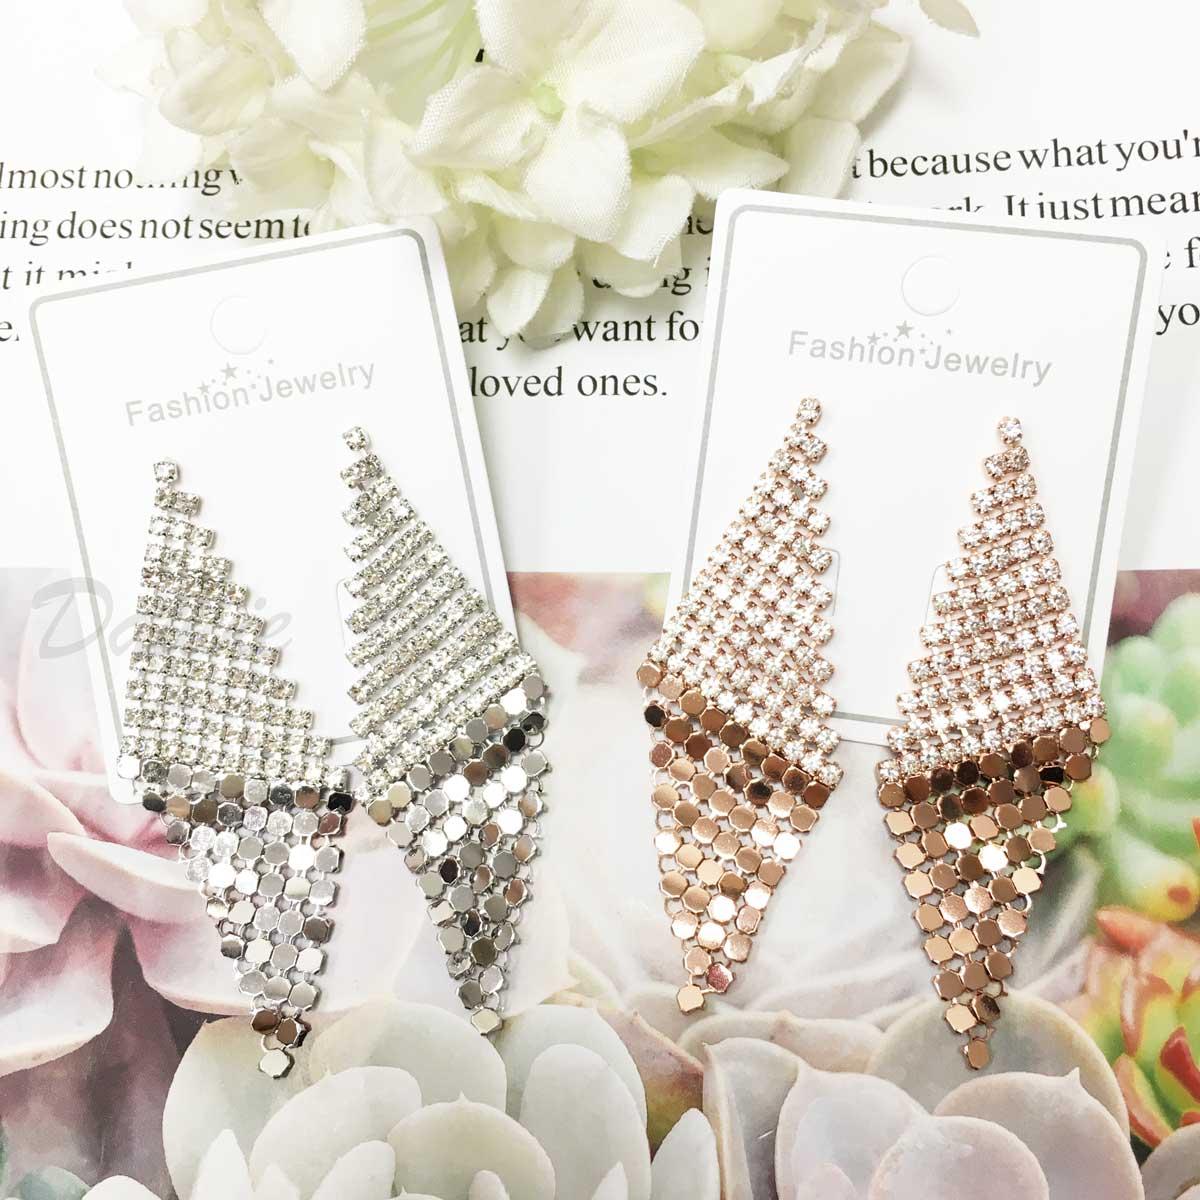 華麗 金屬亮片 不規則 菱形 閃耀 水鑽 2色 耳針耳環